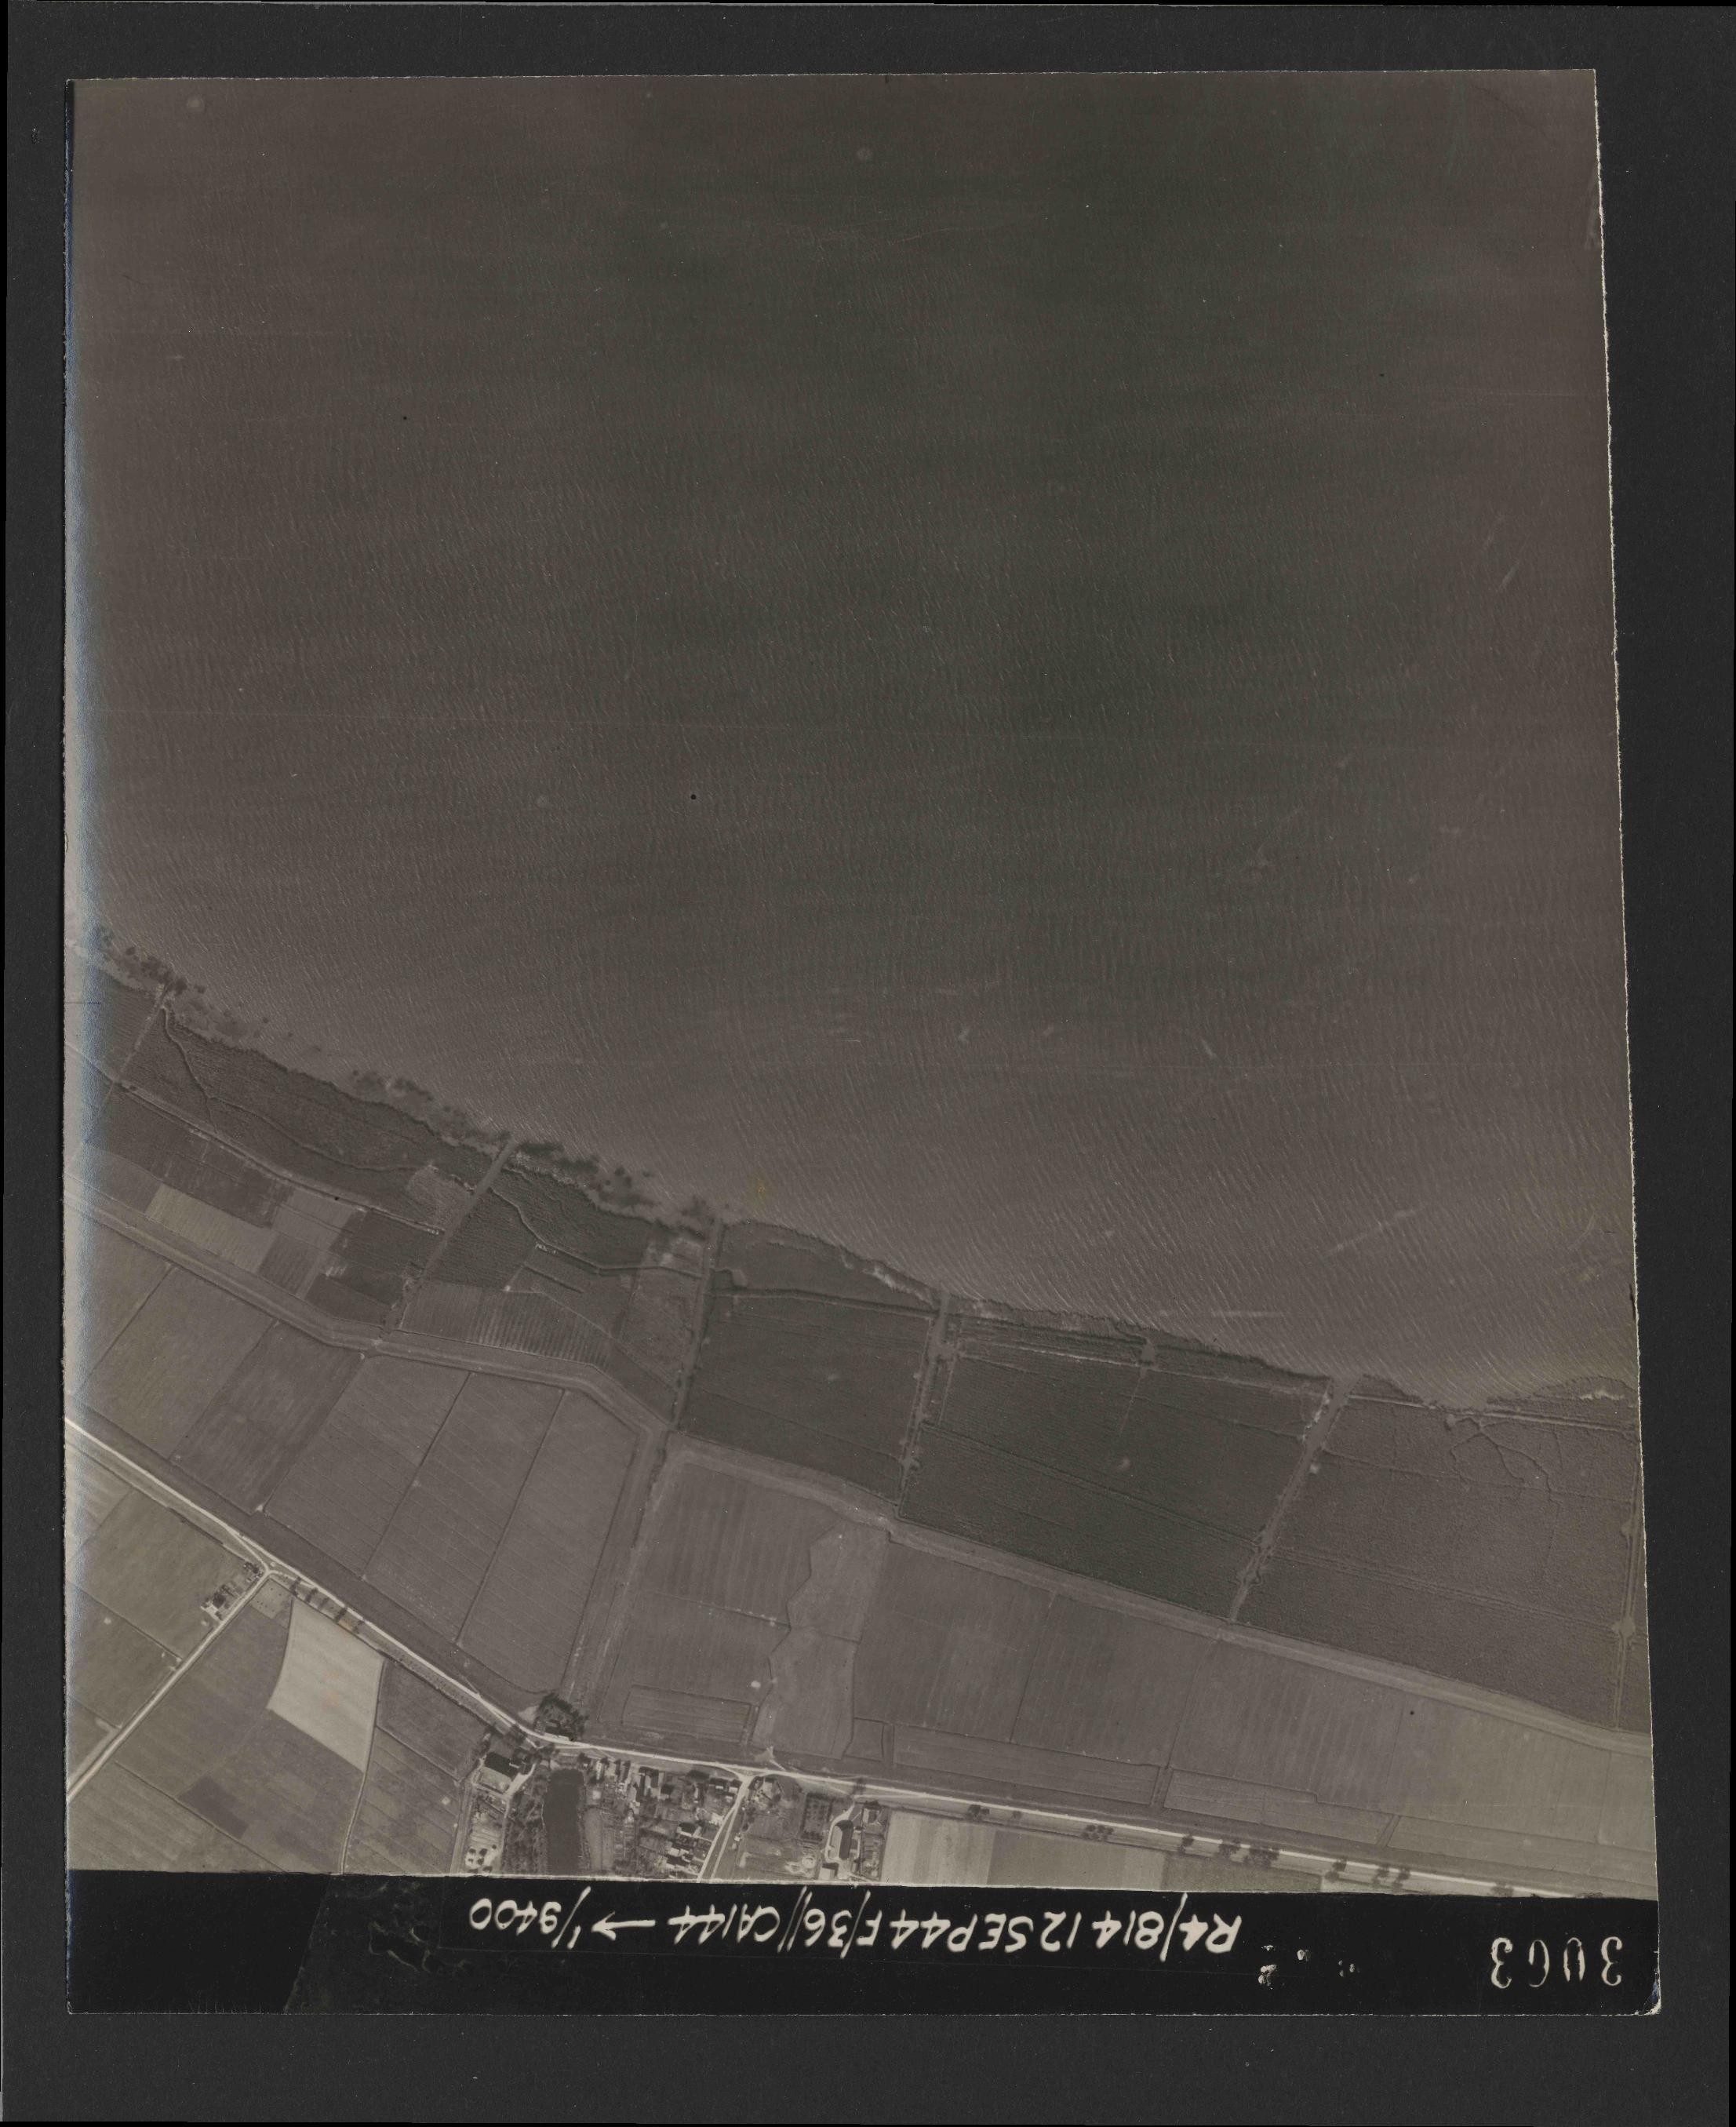 Collection RAF aerial photos 1940-1945 - flight 333, run 01, photo 3063